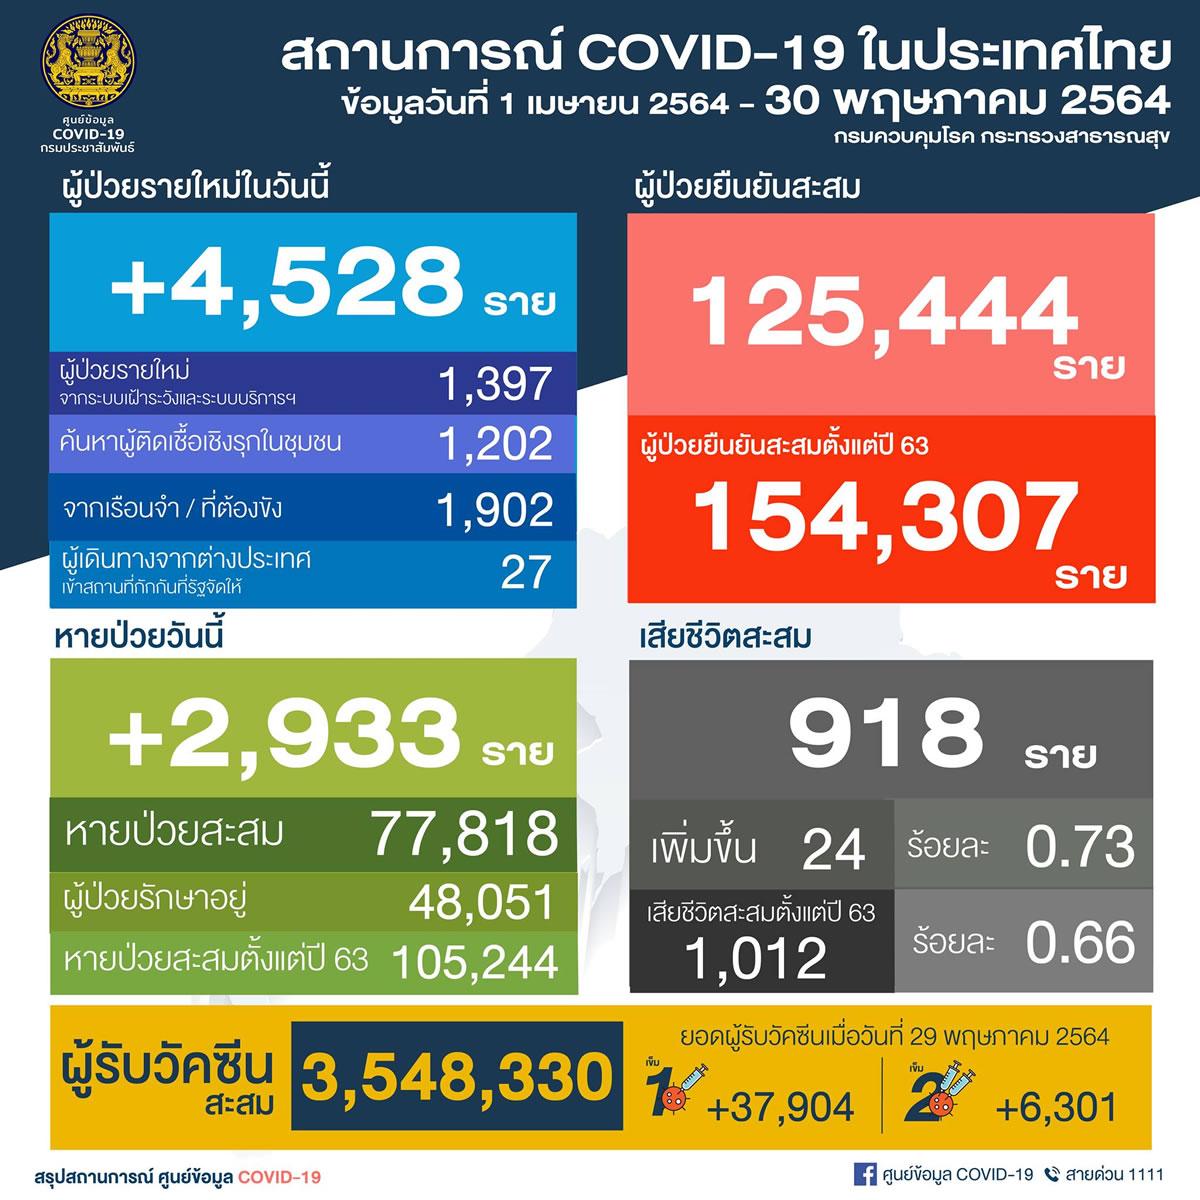 タイ 陽性4,528人/バンコク都754人/ペチャブリ県754人/刑務所1,902人/死亡24人[2021年5月29日発表]